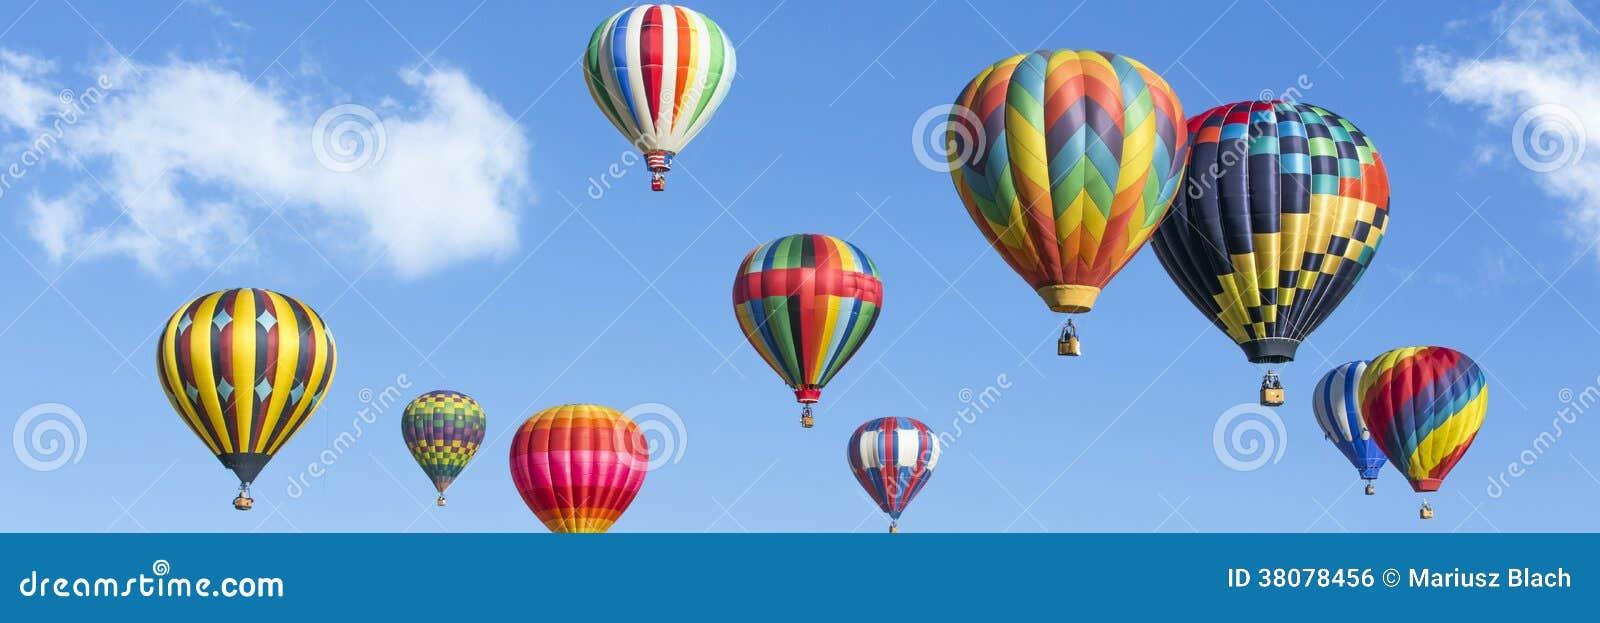 Горячая панорама воздушных шаров